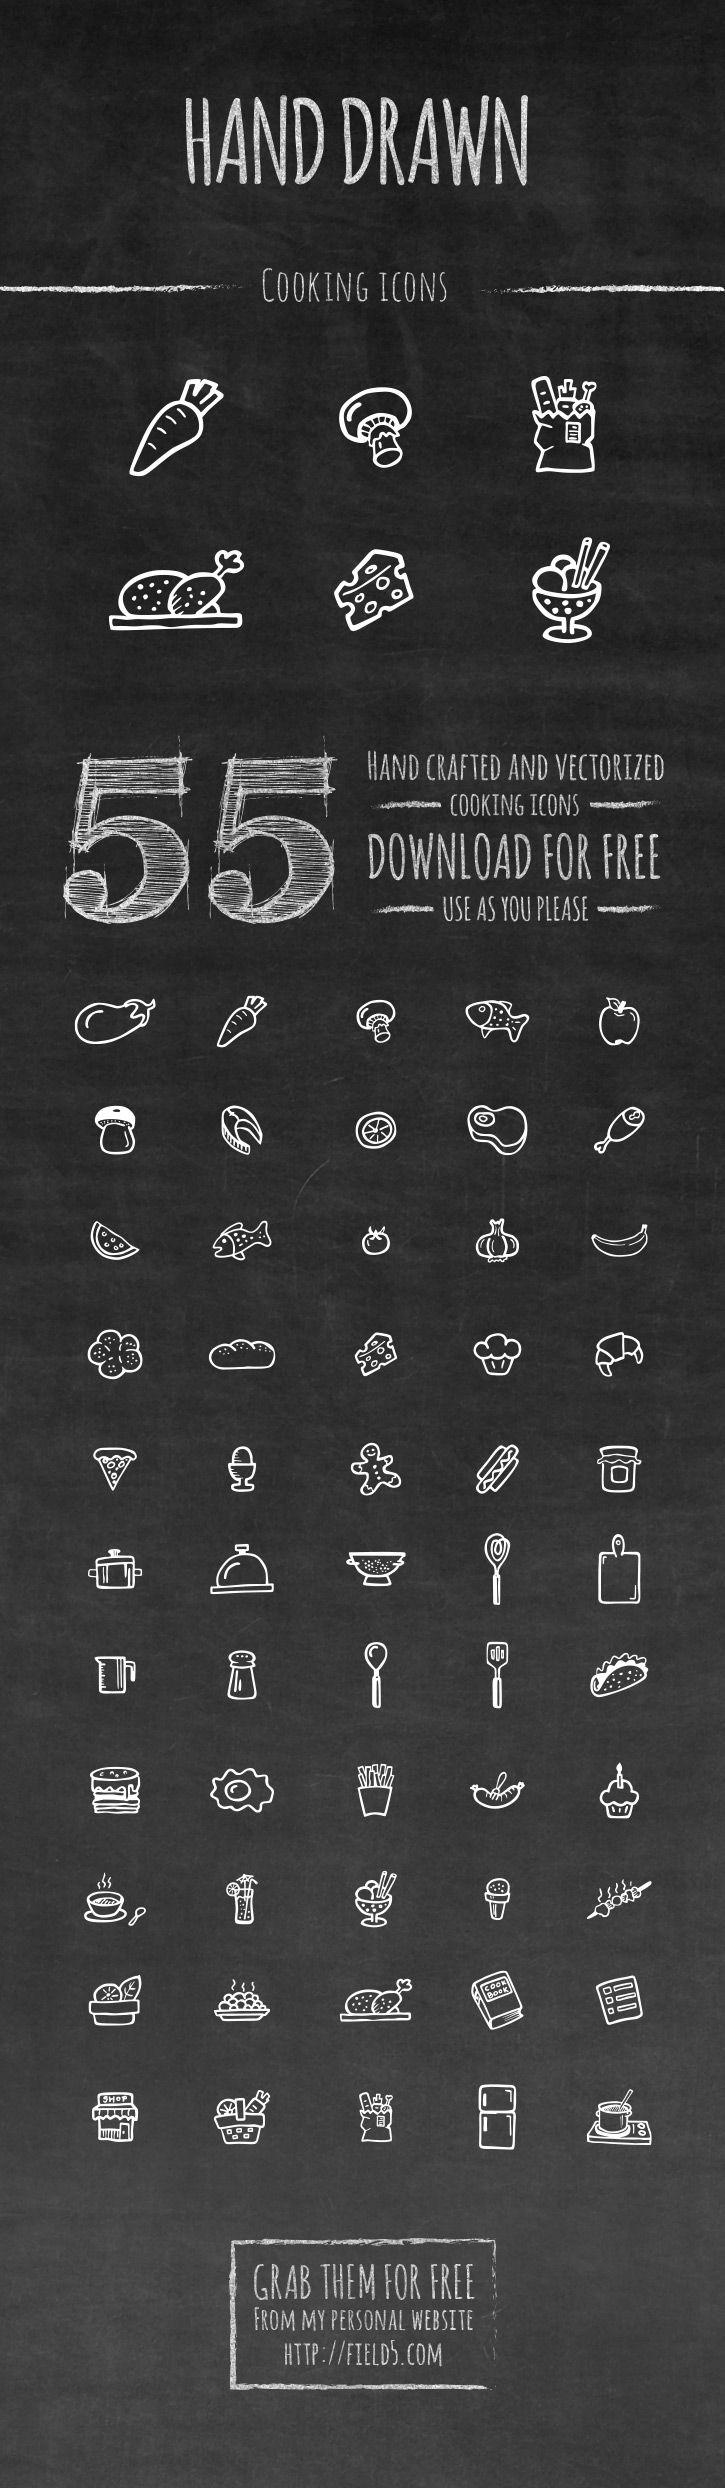 Pin by eduardo sampaio on icon design pinterest freelance web